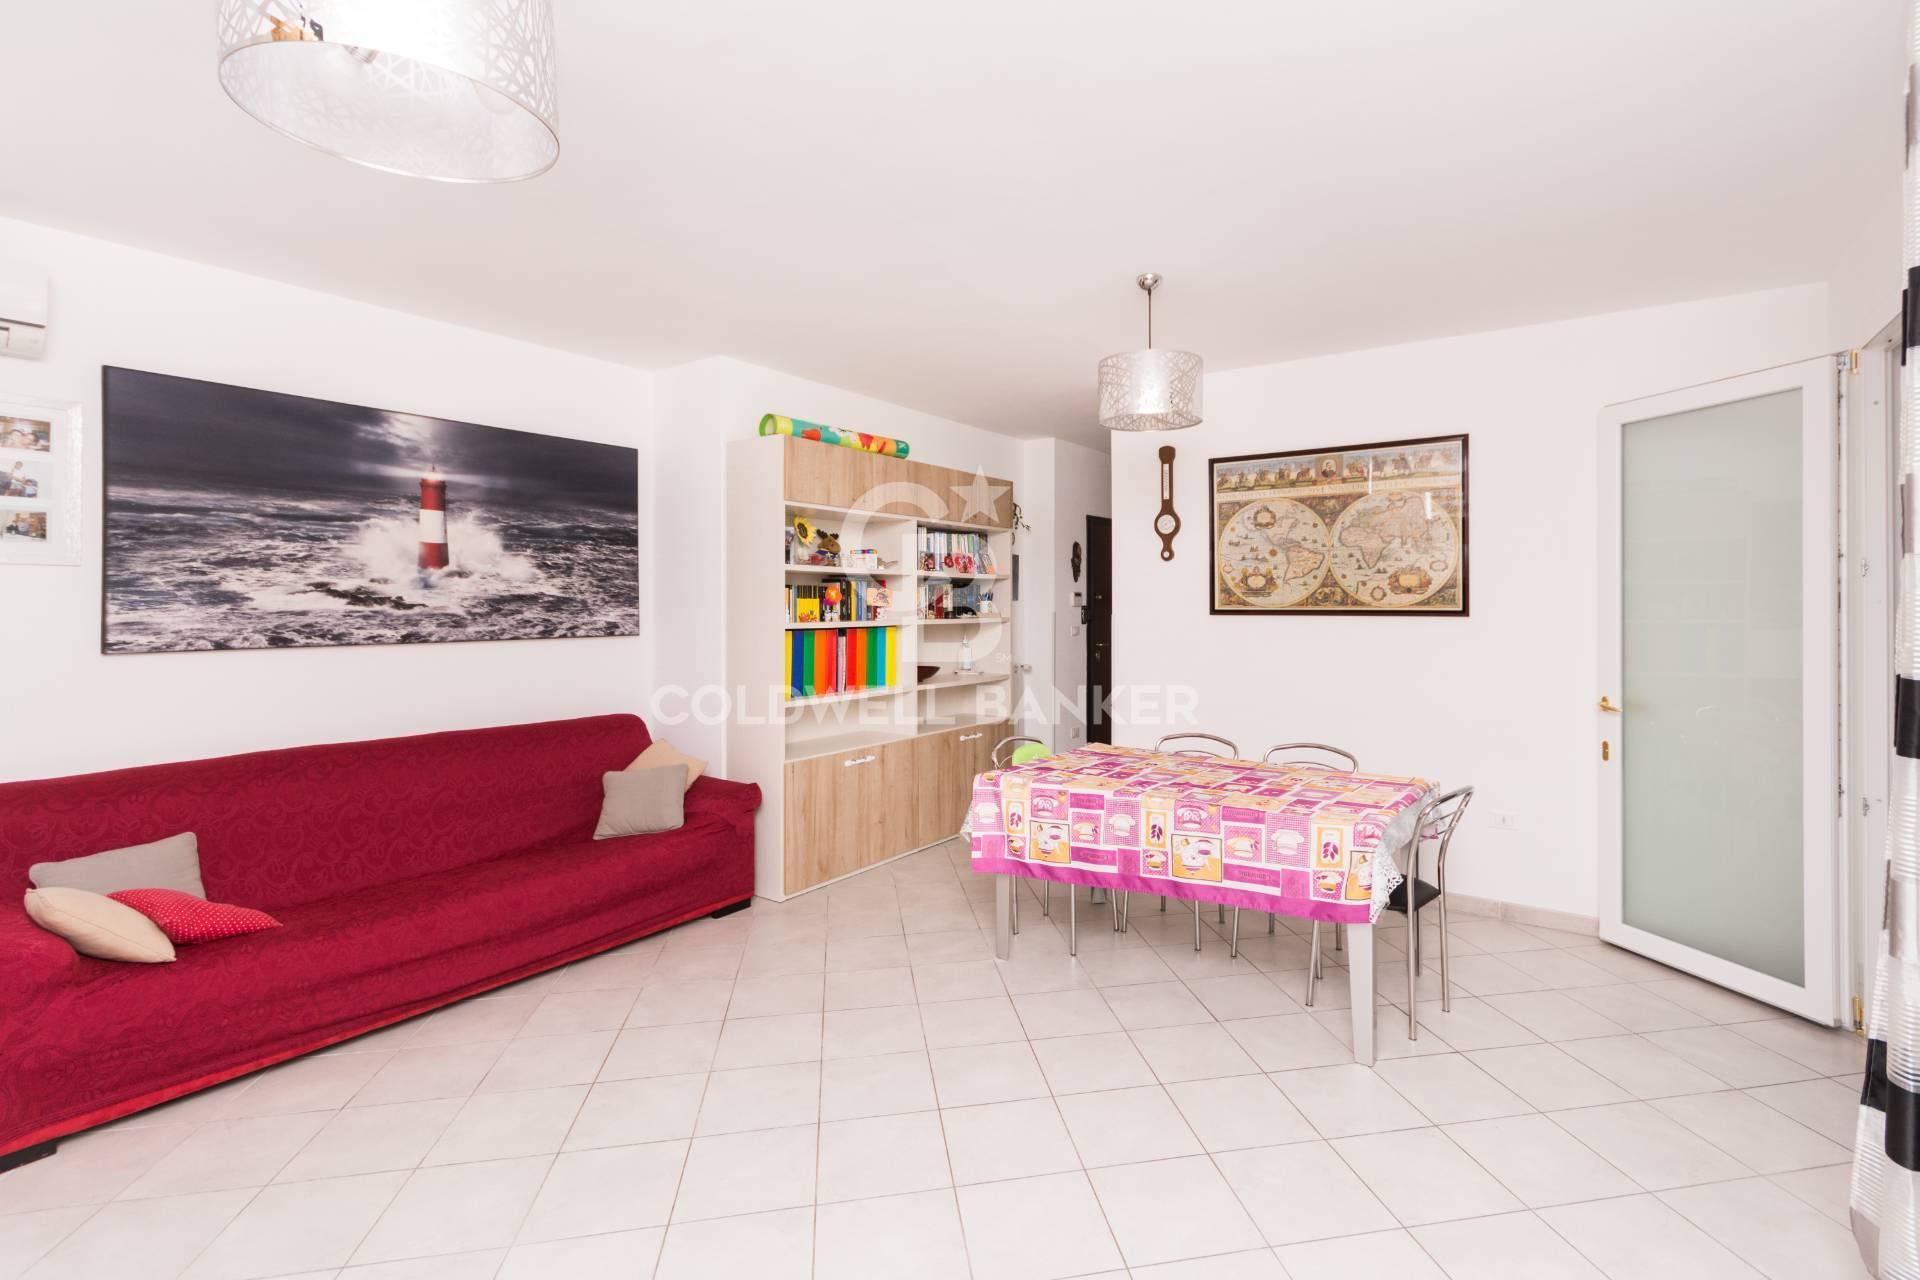 Appartamento in vendita a Brindisi, 4 locali, zona Località: Sciaia-Materdomini, prezzo € 165.000   PortaleAgenzieImmobiliari.it